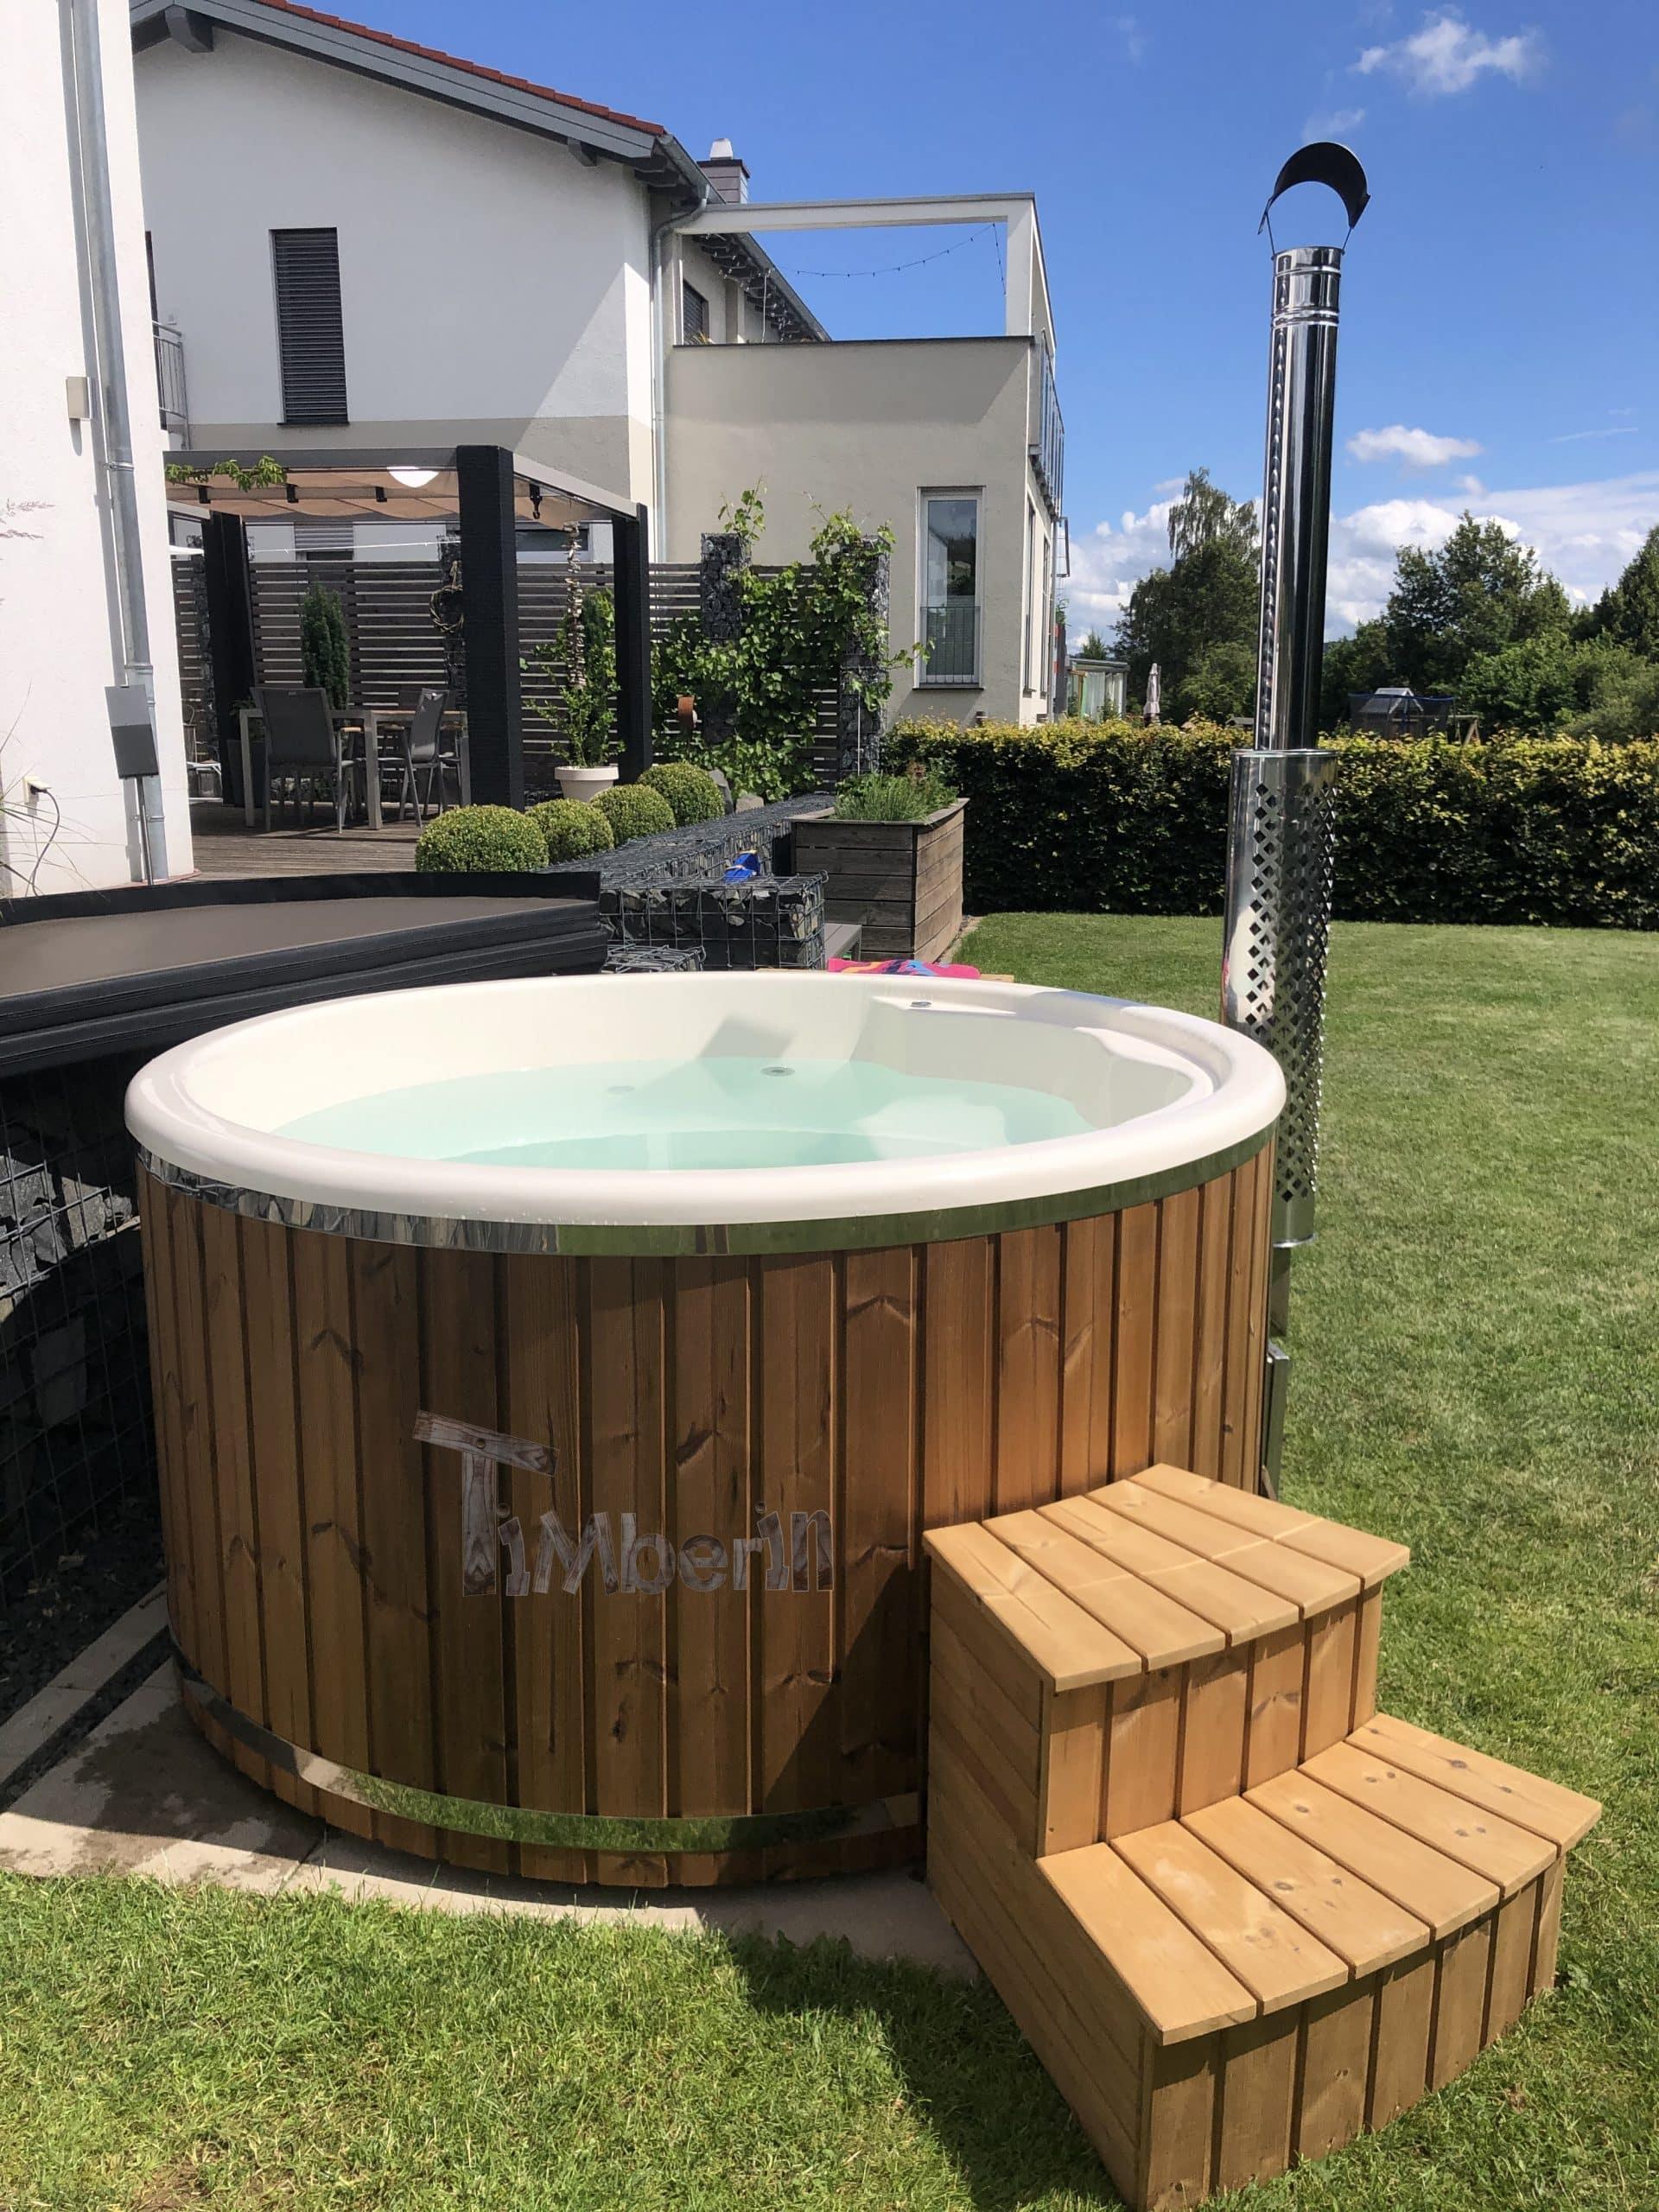 Badefass-gfk-mit-Whirlpool-Wellness-Royal-Jessica-Flieden-Deutschland-2-scaled Bewertungen - Erfahrung TimberIN